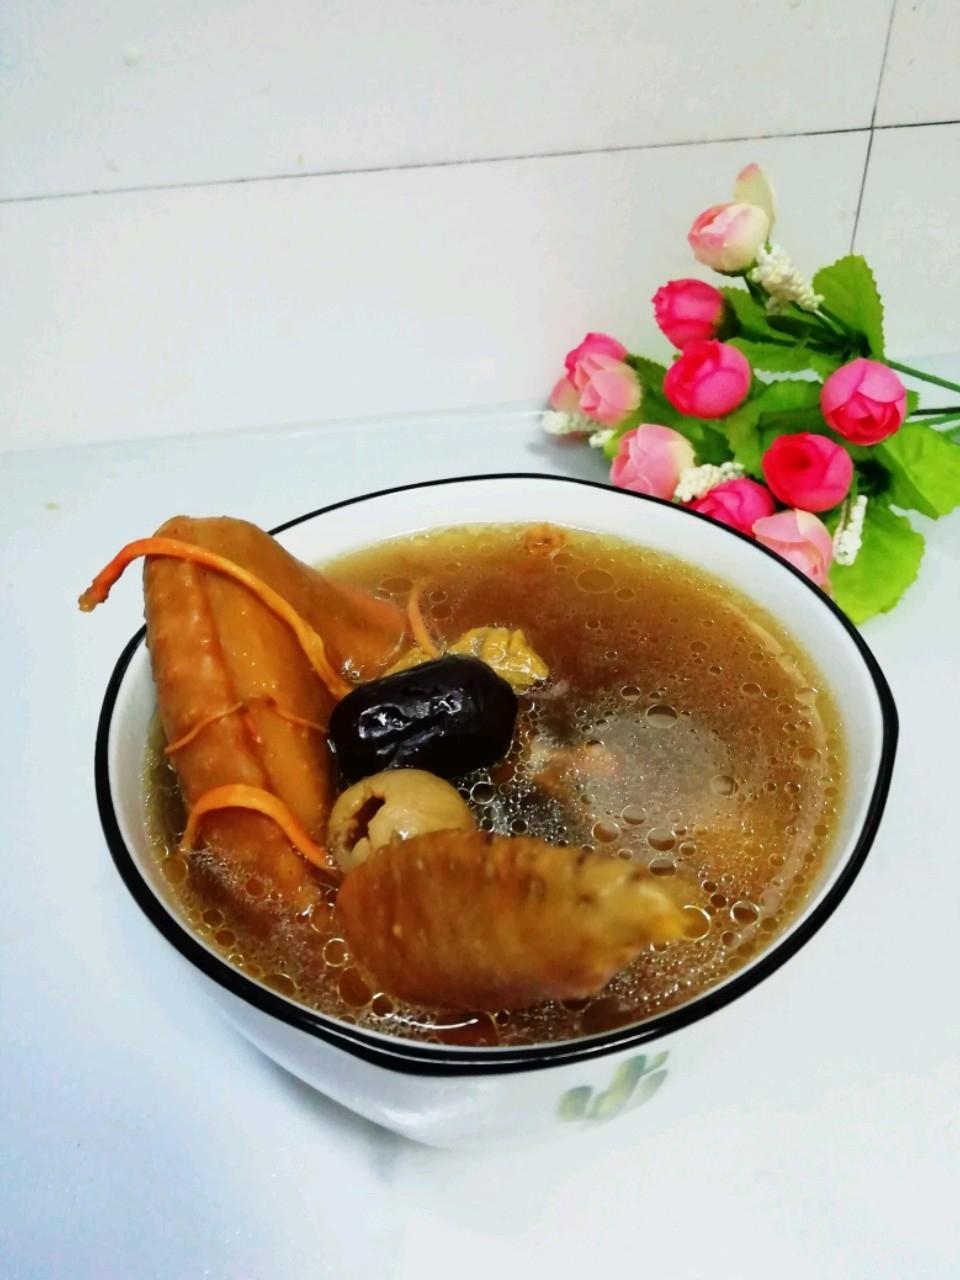 鸡翅煲虫草花汤